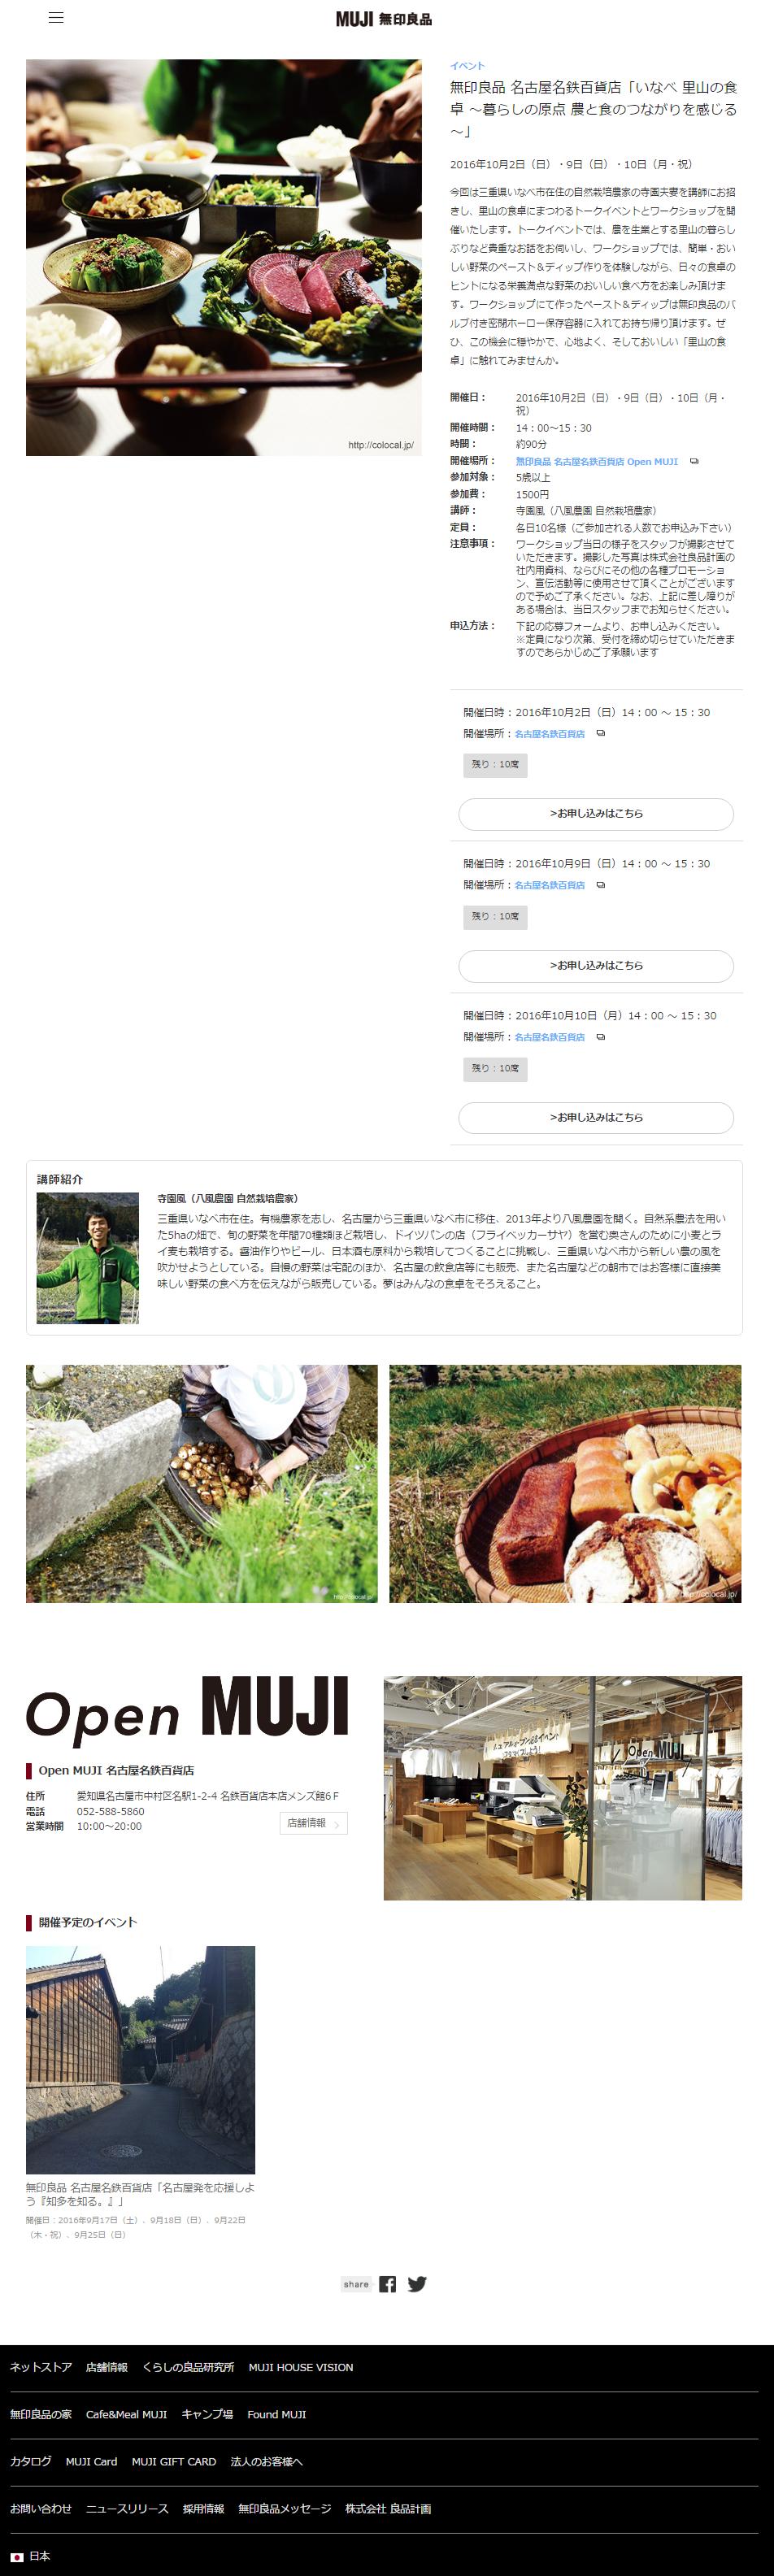 無印良品 名古屋名鉄百貨店いなべ 里山の食卓.pngのサムネイル画像